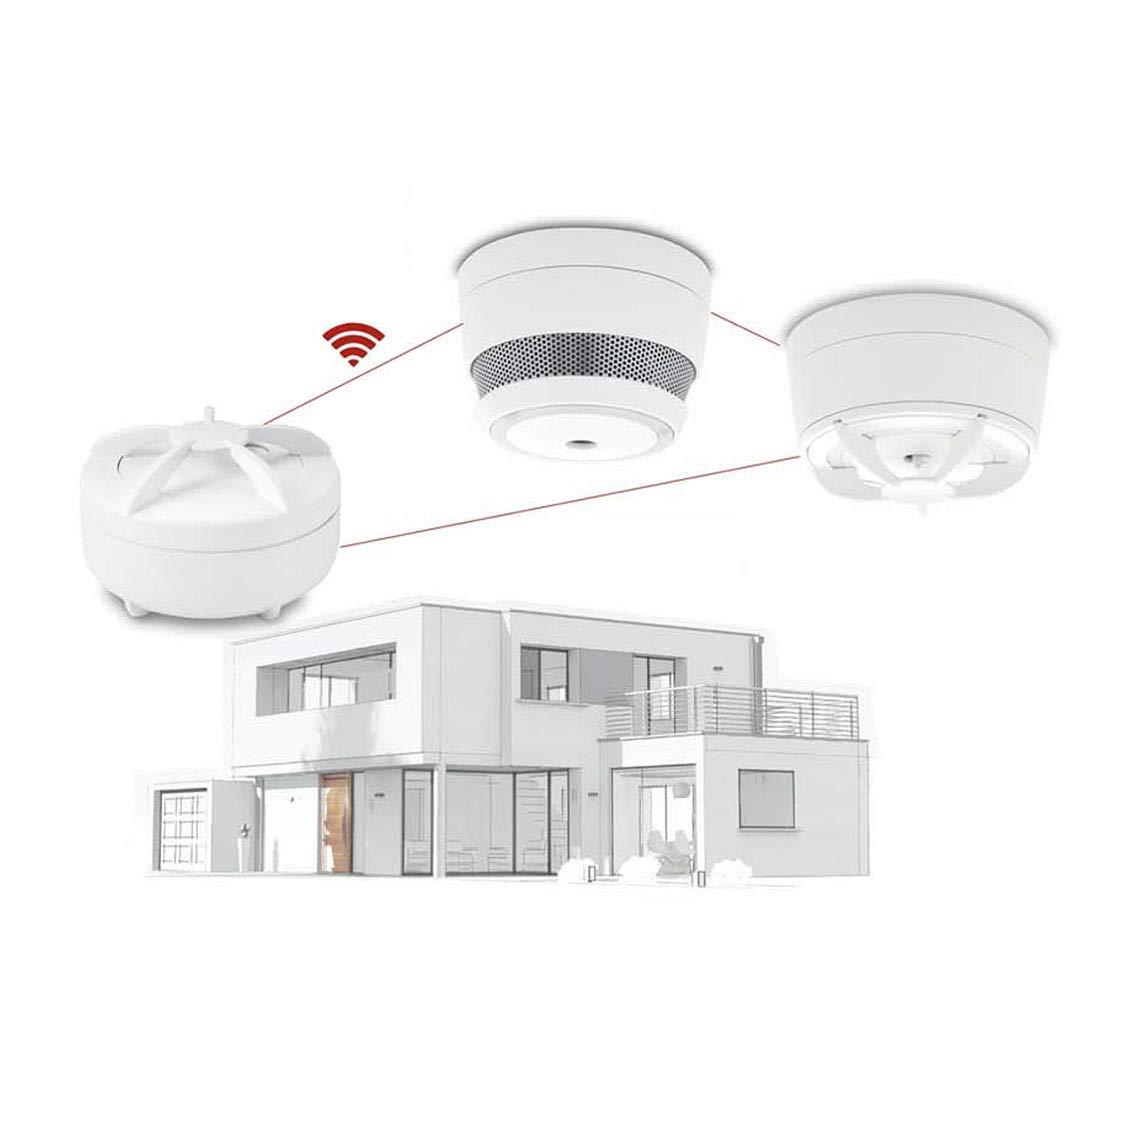 cavius 14747 Detector de agua Wireless Incluye batería de litio de 3 V, CE: Amazon.es: Bricolaje y herramientas